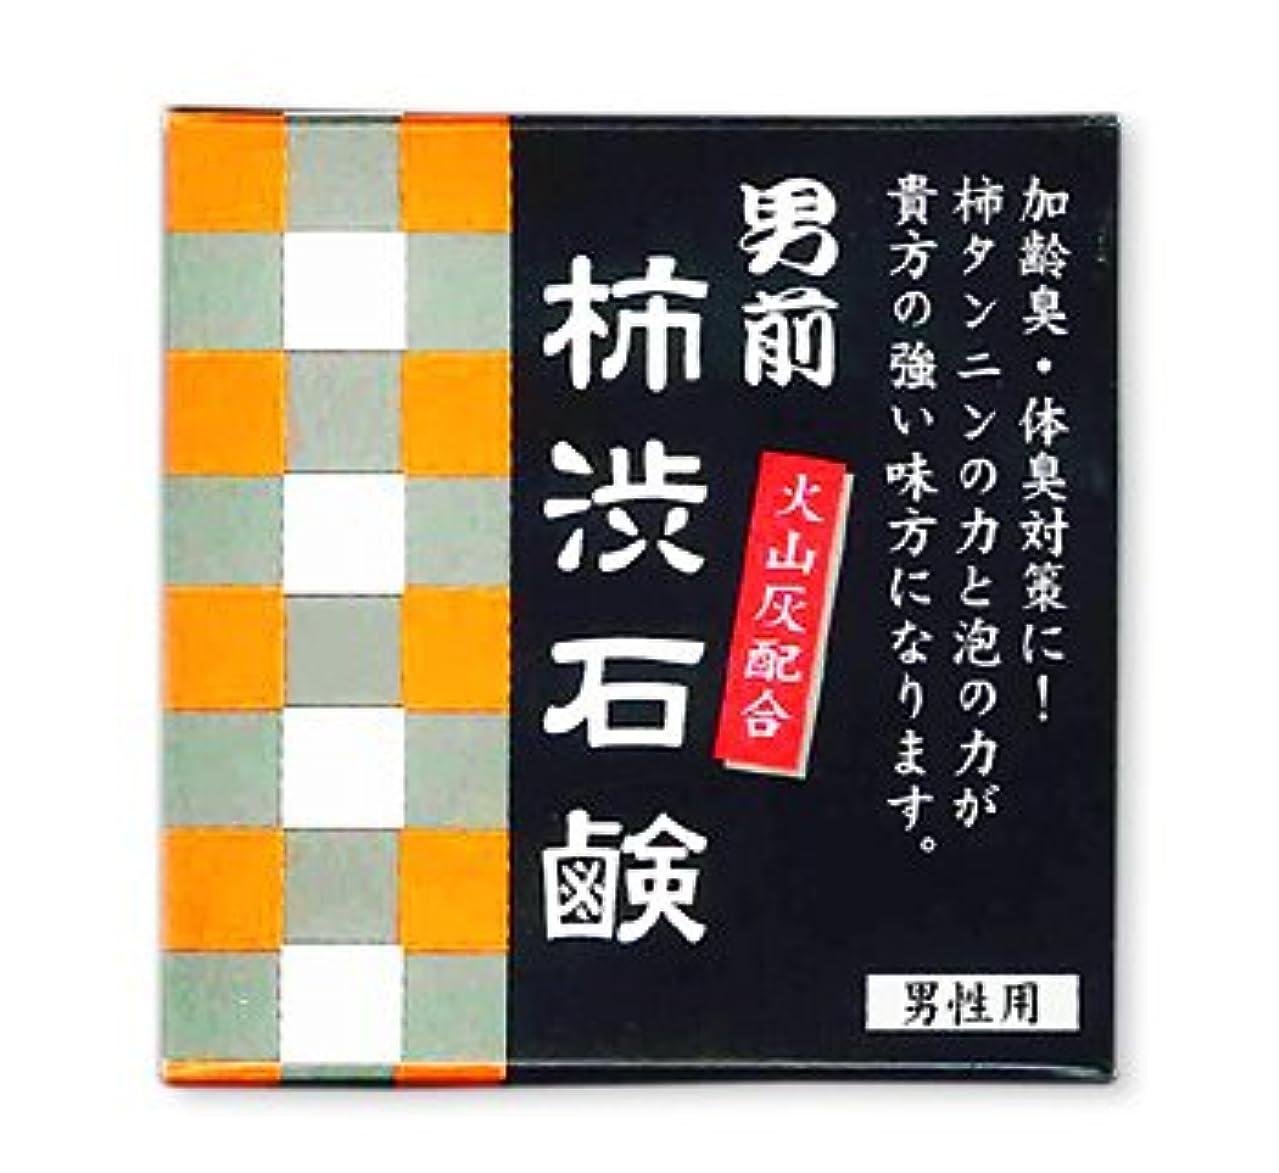 棚カバー残忍な男磨けっ! 男前 柿渋石鹸 (80g)×10個セット? 加齢臭 体臭 対策